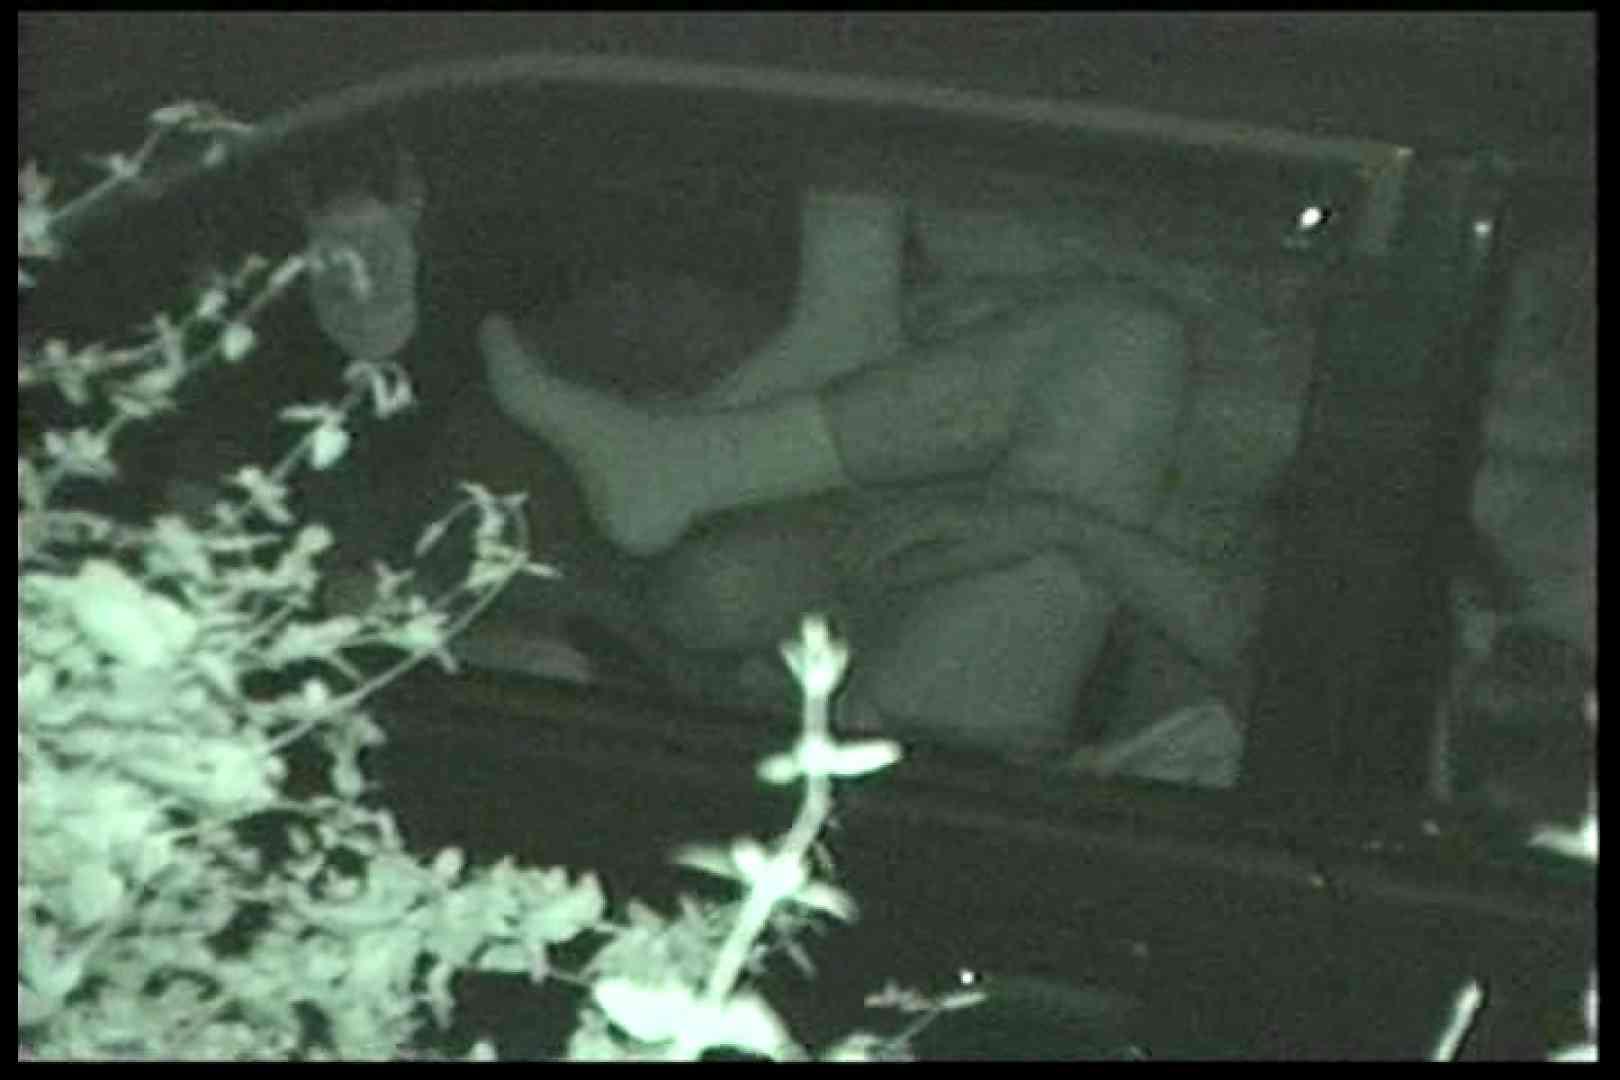 車の中はラブホテル 無修正版  Vol.15 赤外線 性交動画流出 77pic 68